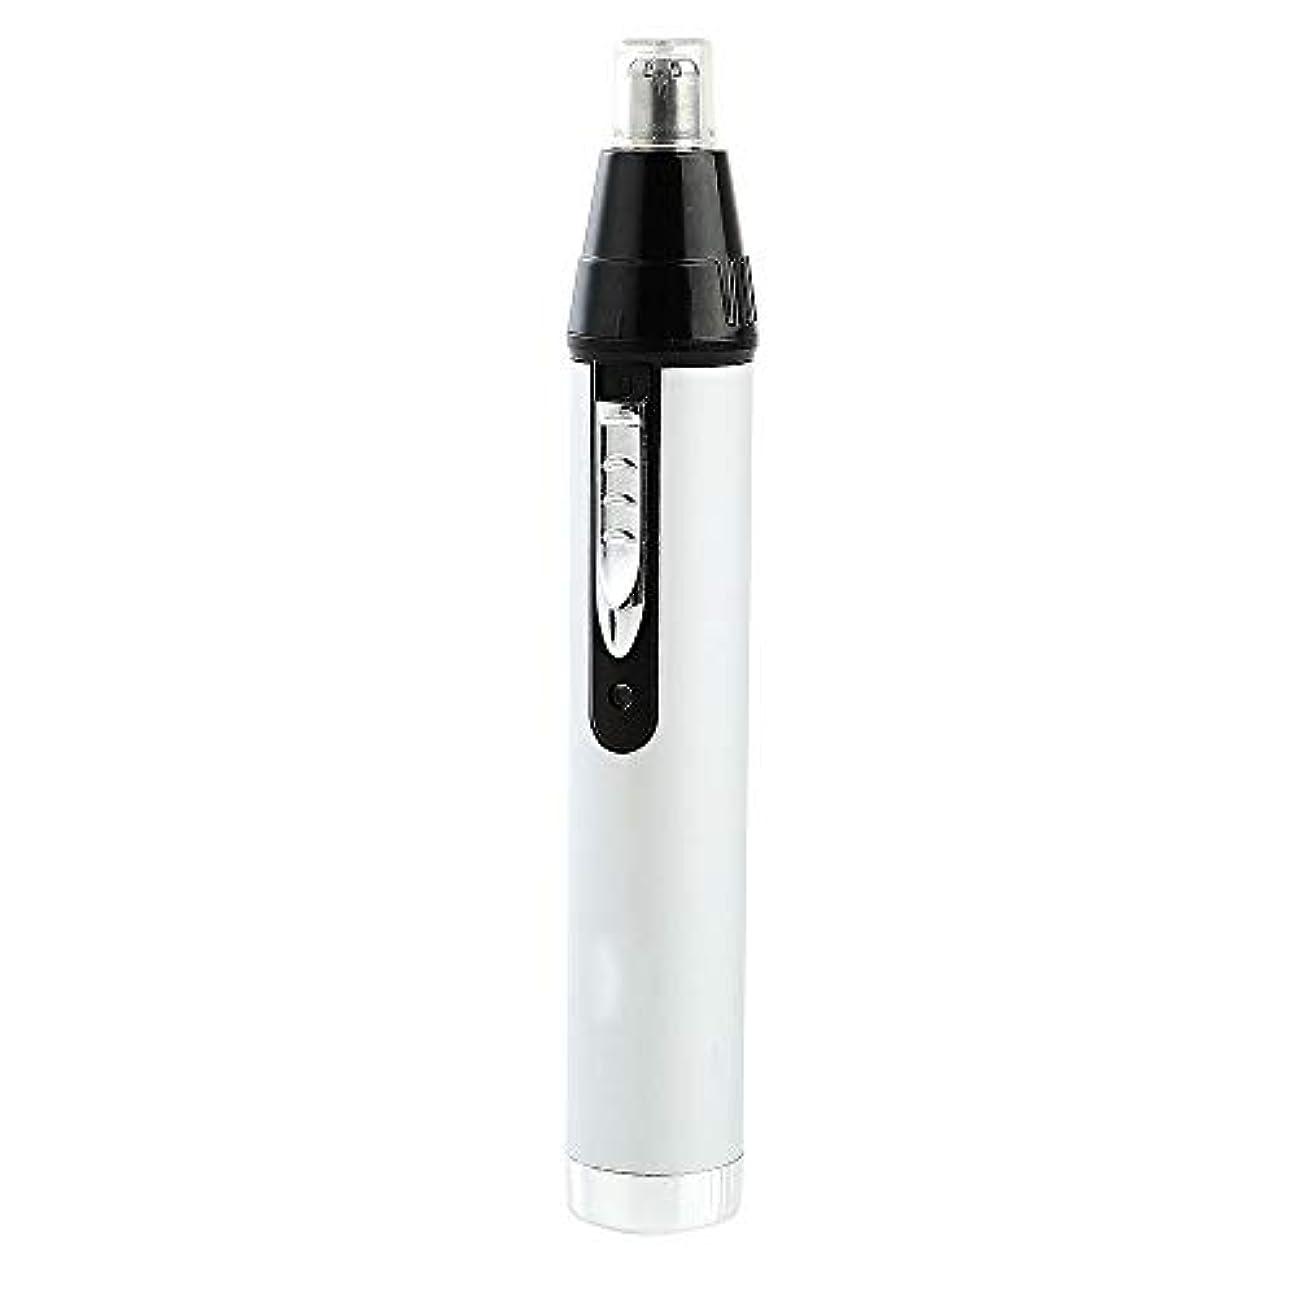 音姿勢語多機能電気シェーバー、ミニ眉毛シェーピングナイフ、男性用シェービング鼻毛ナイフ、すべての肌タイプに適しています